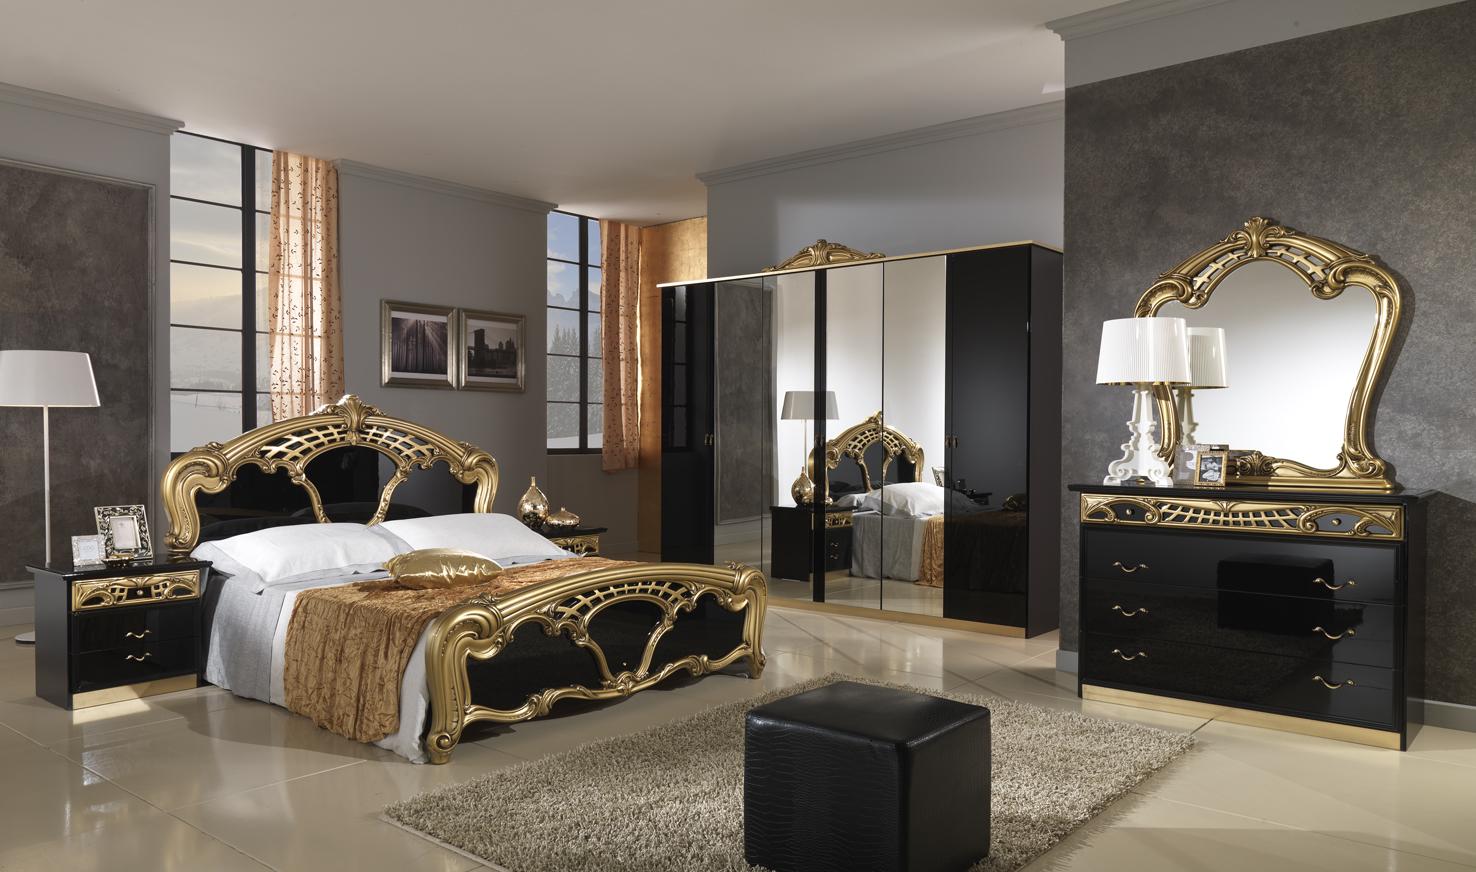 Черно-золотистая мебель в большой спальне